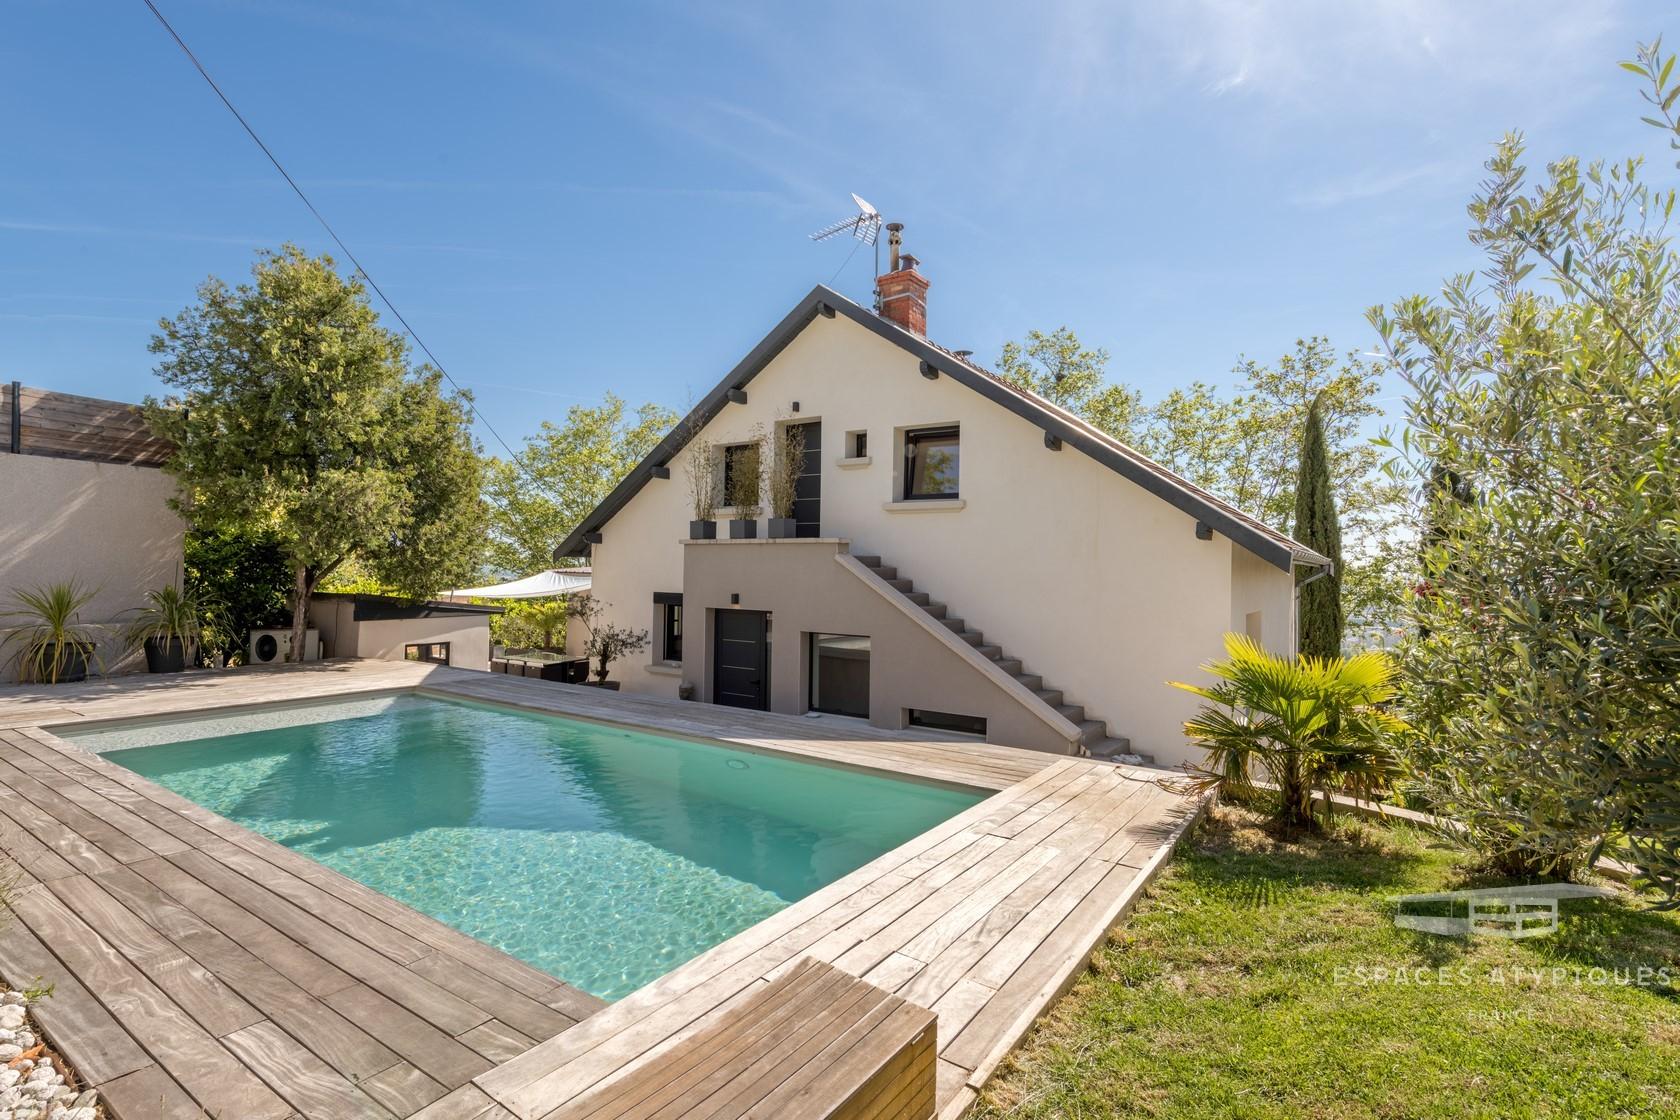 Maison Contemporaine De 320M² Avec Piscine À Sainte-Foy-Lès-Lyon pour Piscine Ste Foy Les Lyon